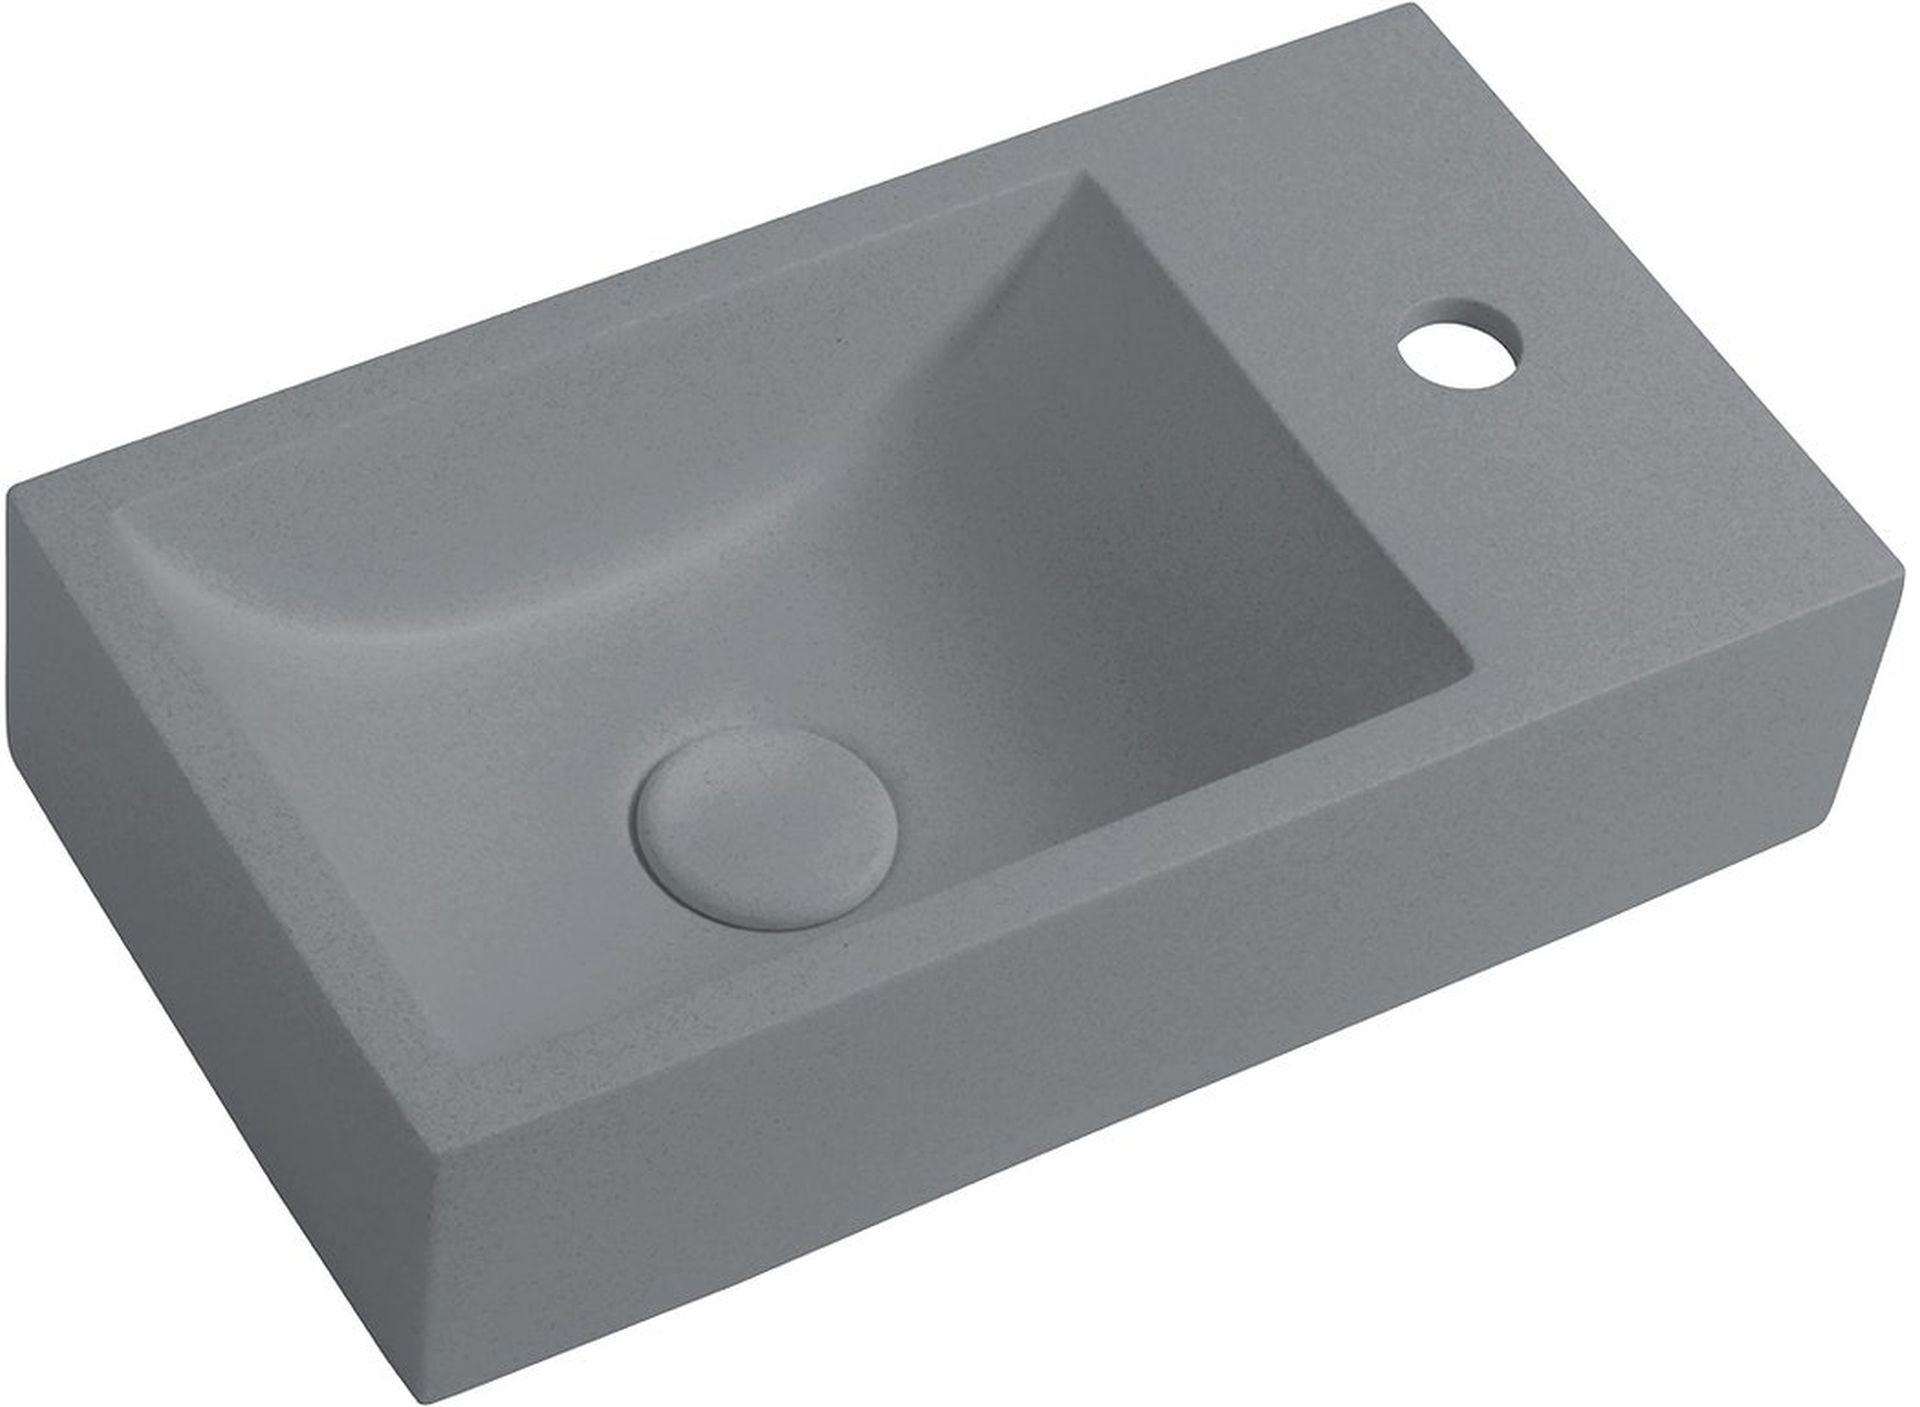 CREST R Betonové umyvadlo včetně výpusti, 40x22cm, pravé, šedá AR412